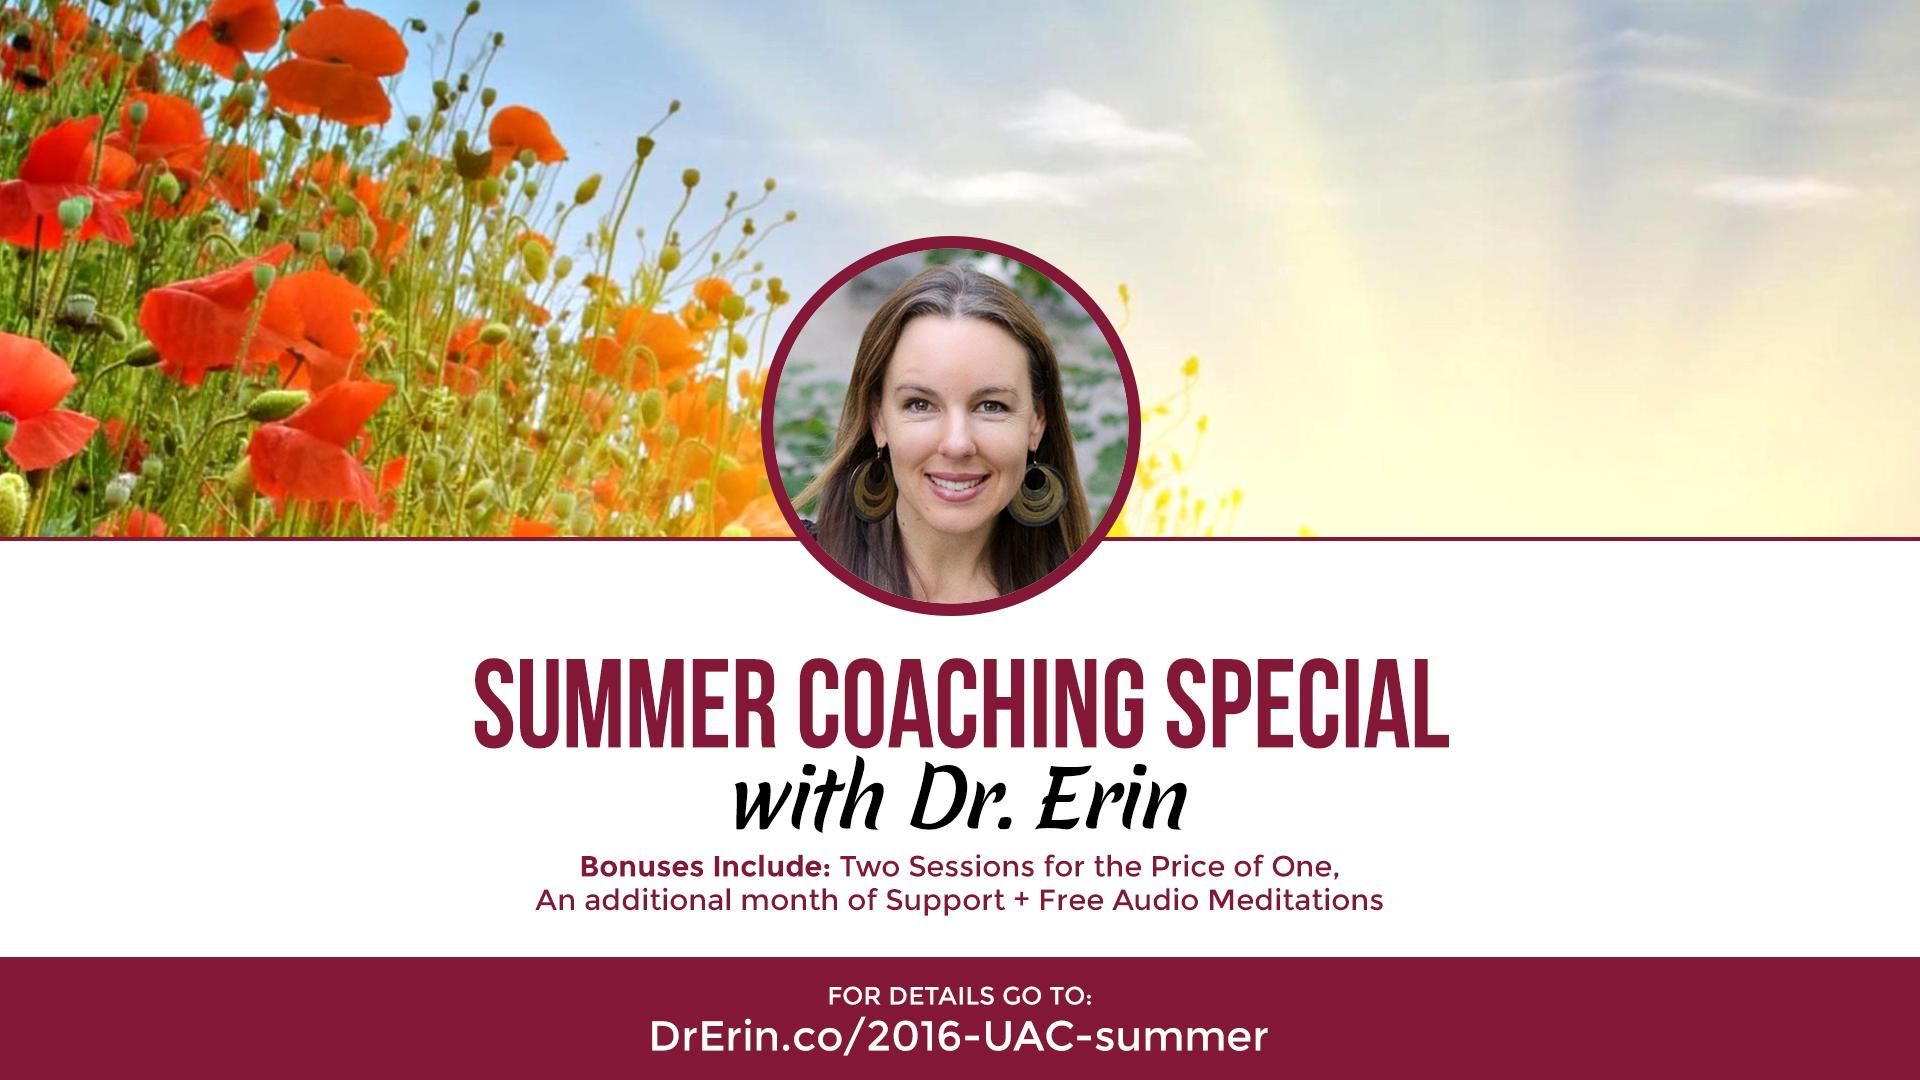 2016-UAC-SummerSpecials-w-Mfont